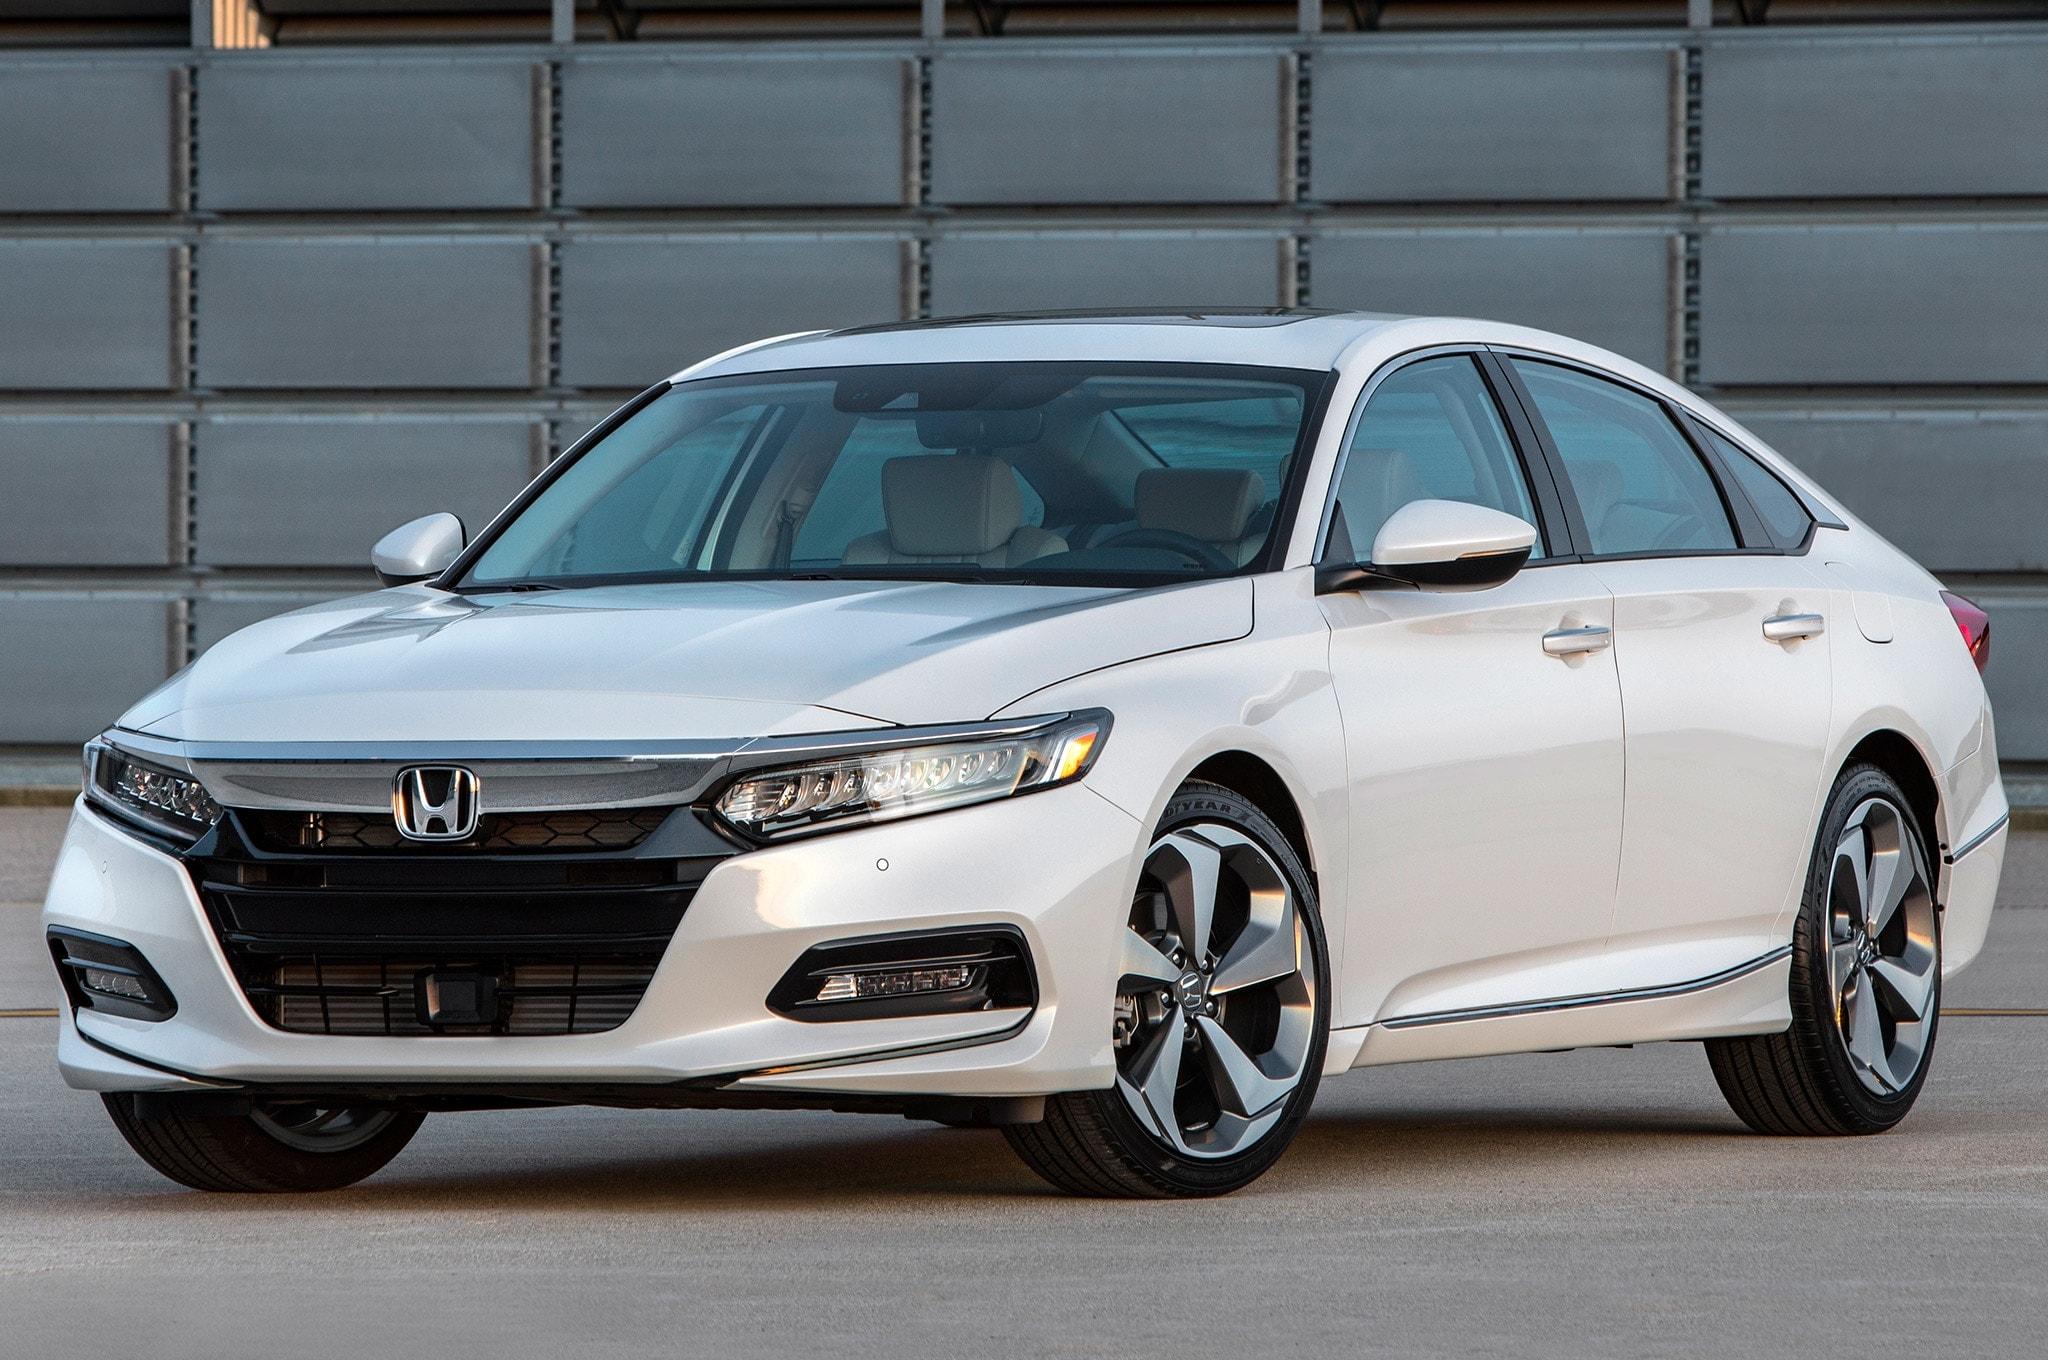 2018 Honda Accord Honda Dealers South Carolina